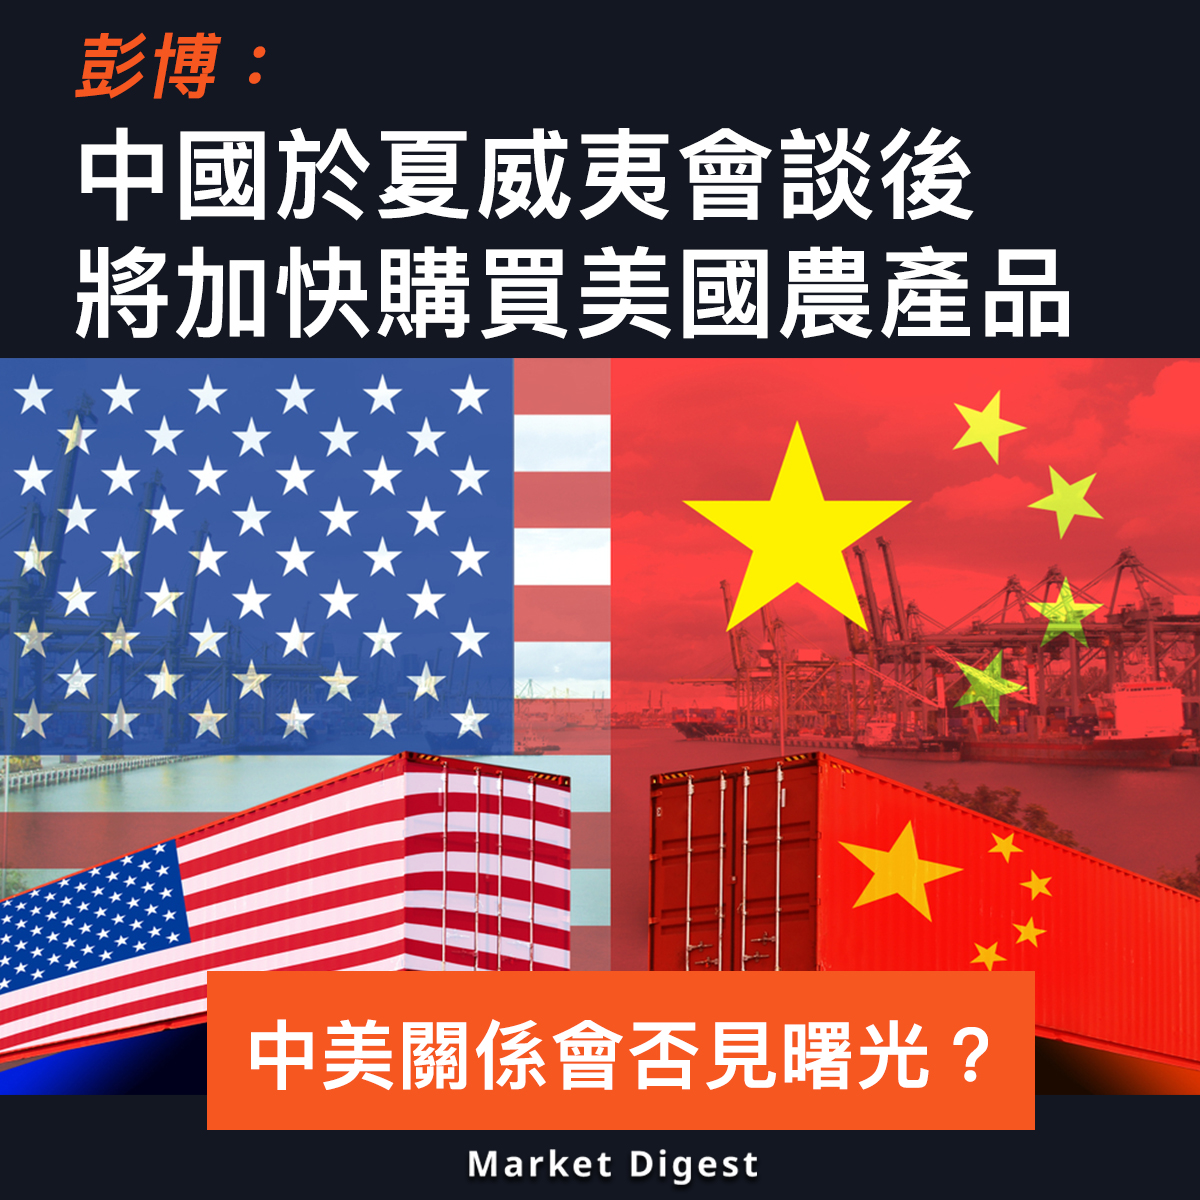 【市場熱話】彭博:中國於夏威夷會談後,將加快購買美國農產品